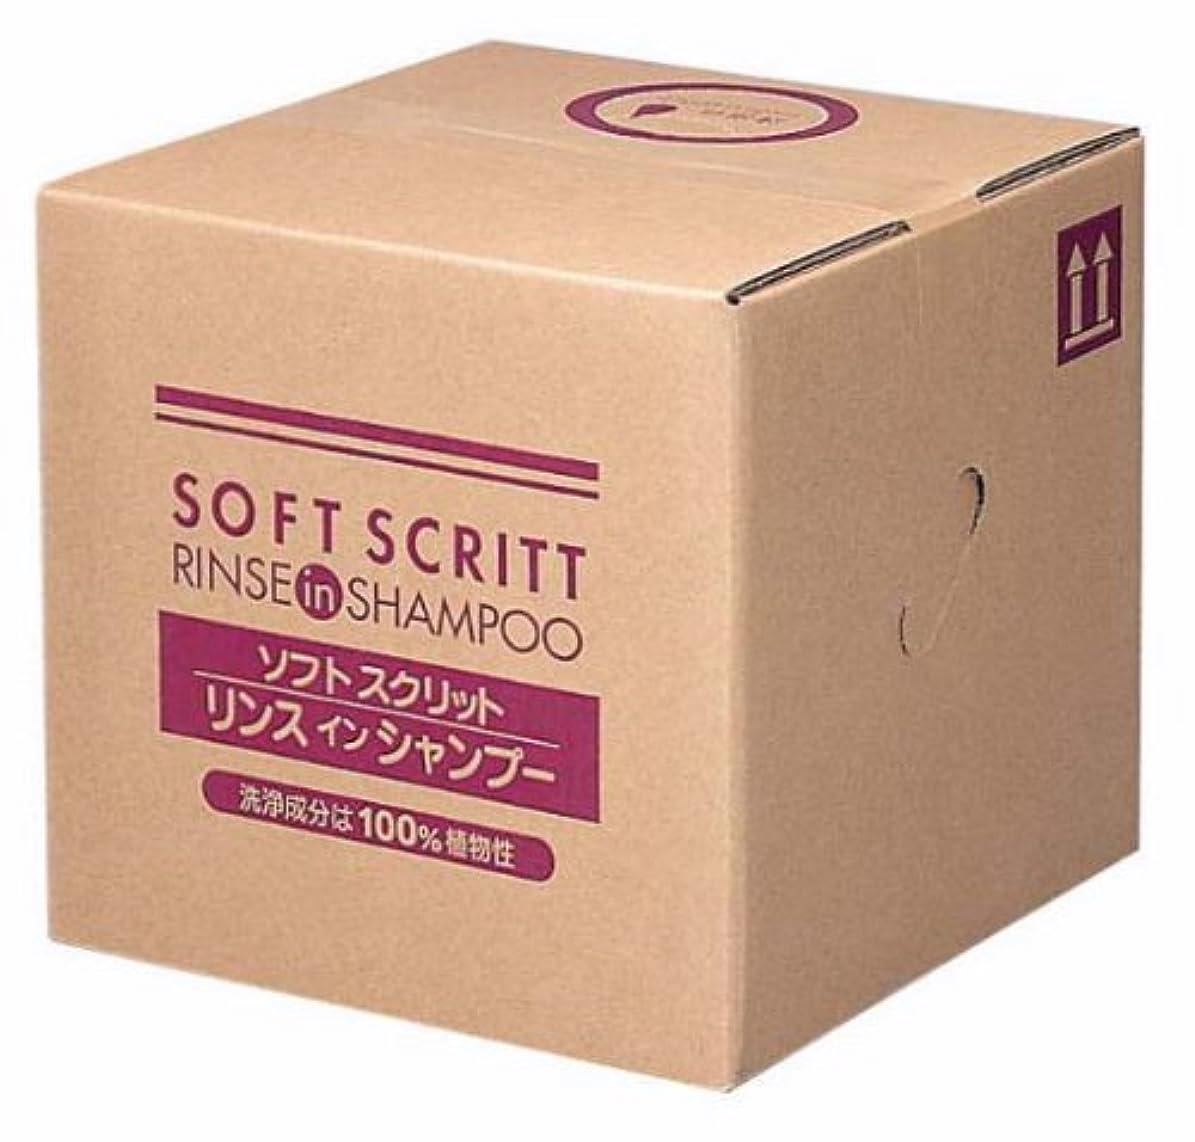 試してみるハシー地下室熊野油脂 業務用 SOFT SCRITT(ソフト スクリット) リンスインシャンプー 18L